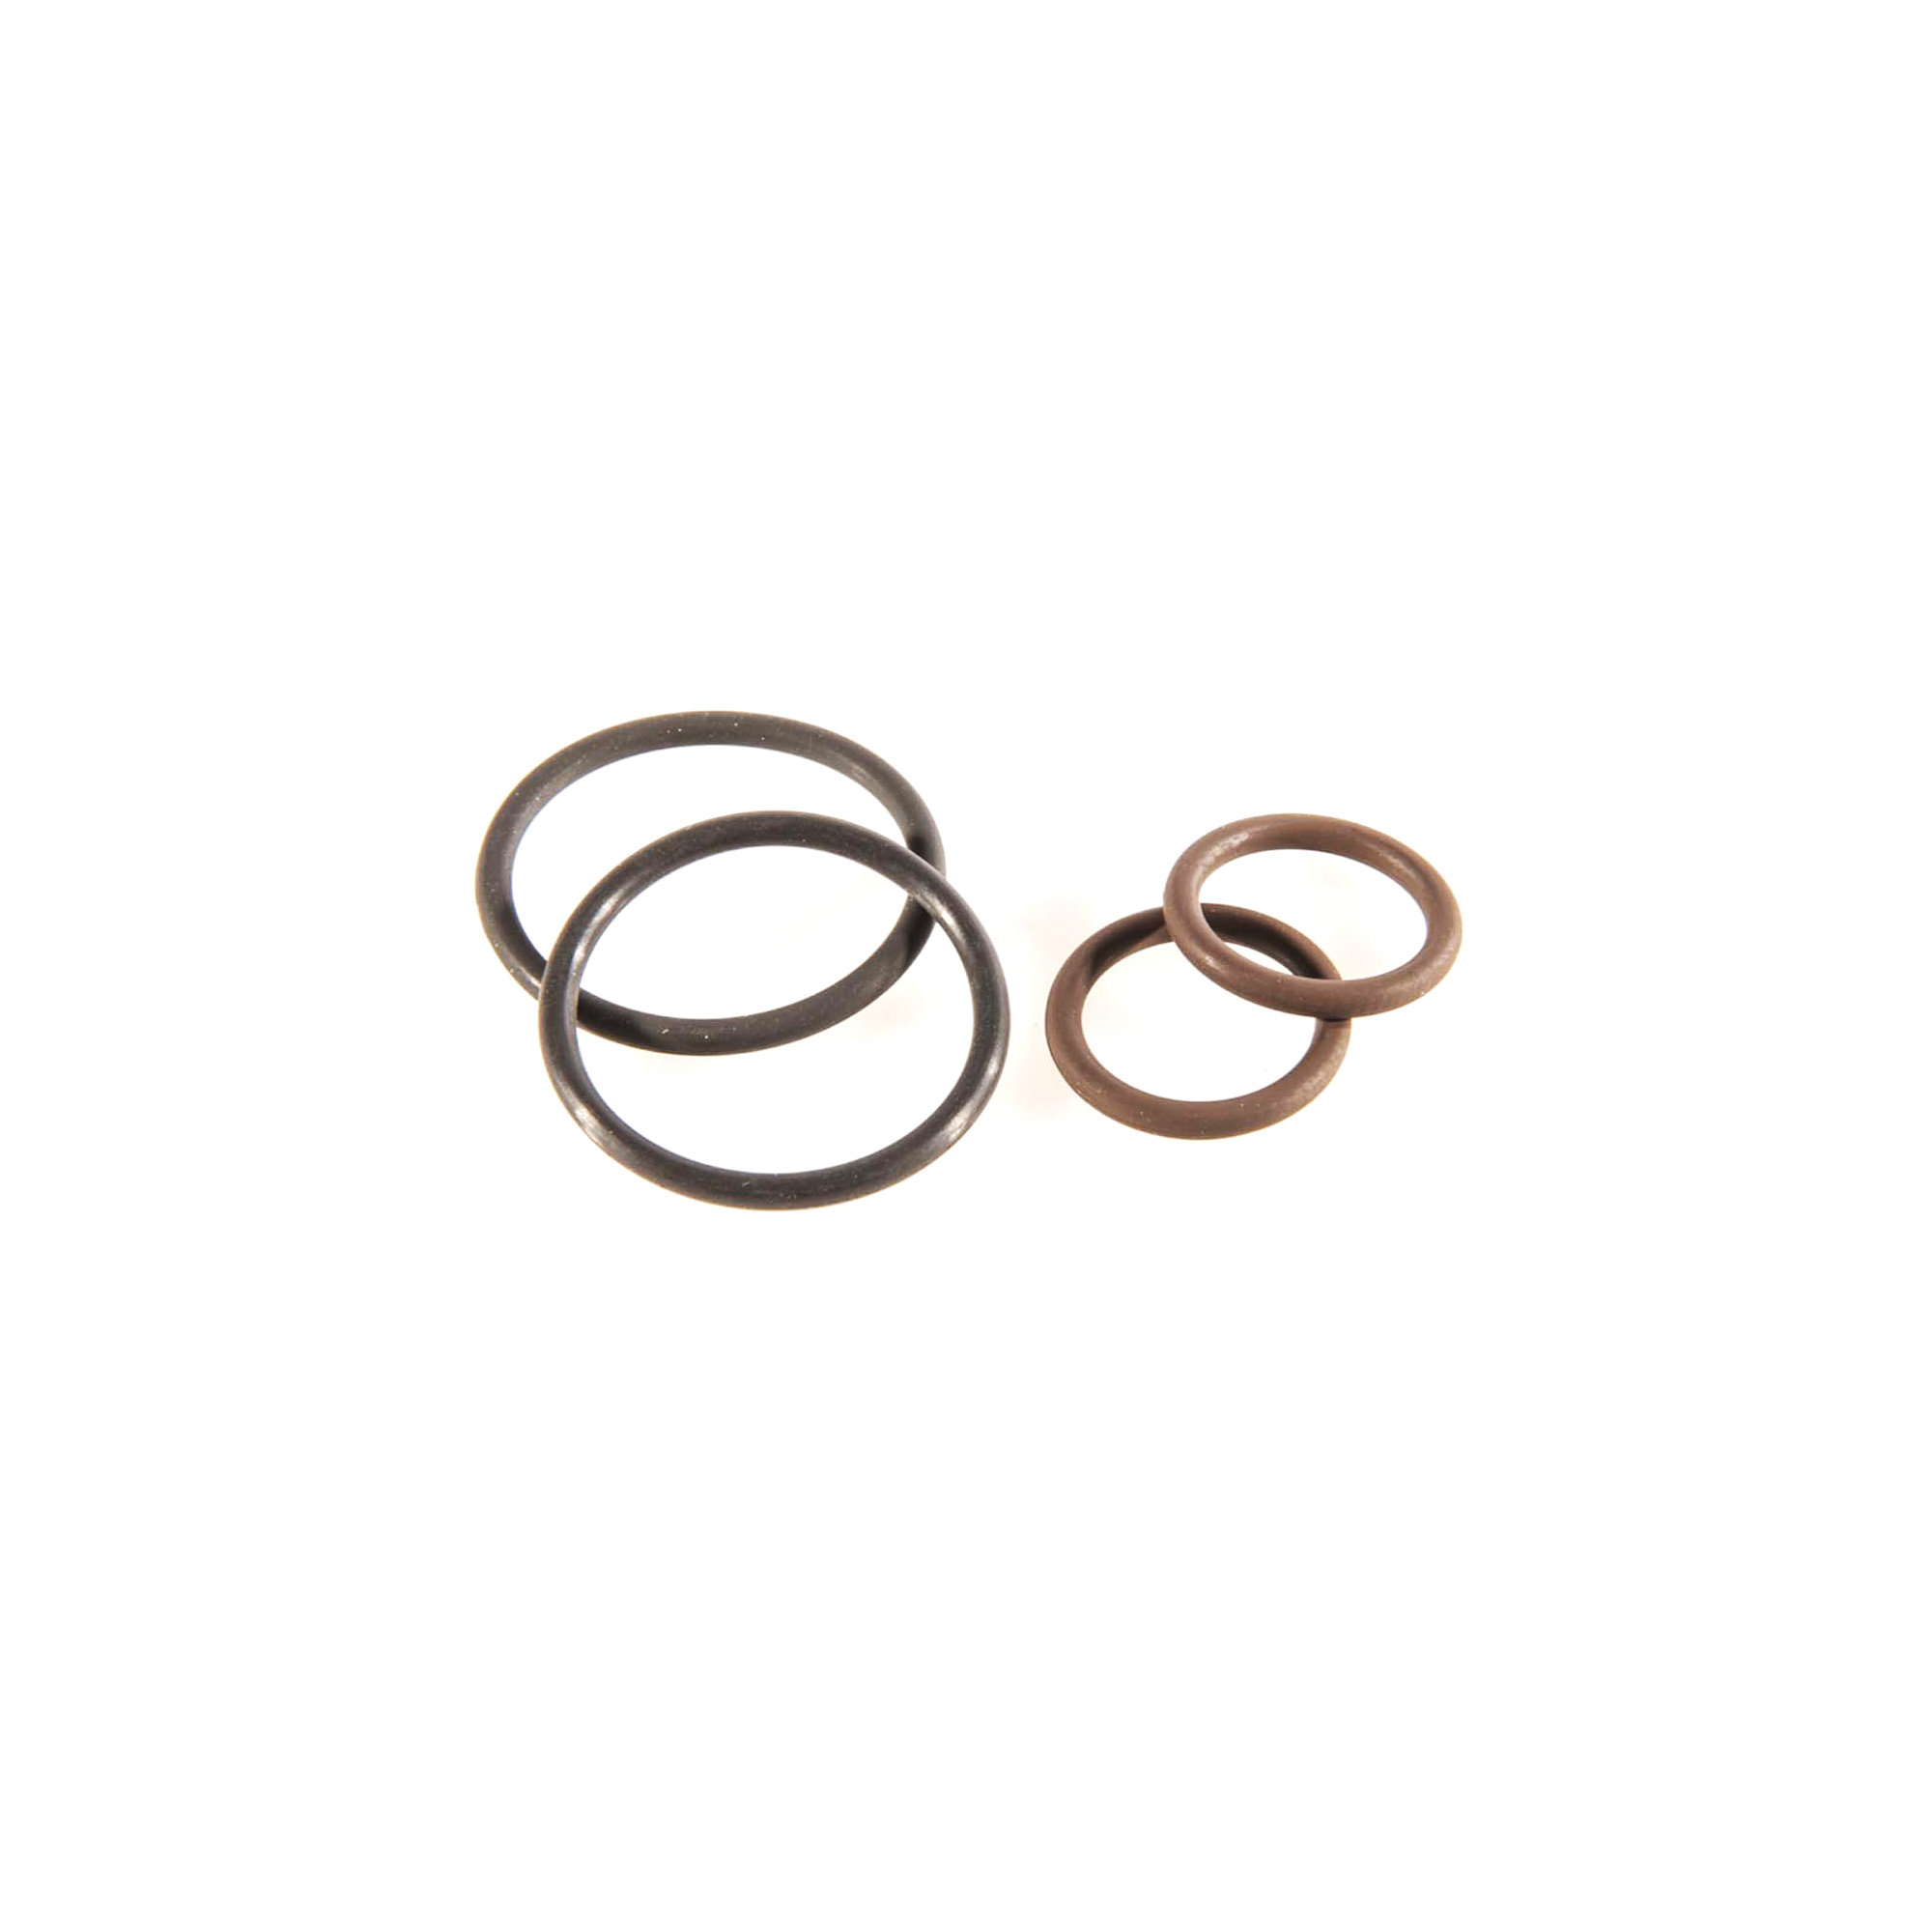 Sco O-ring Pack